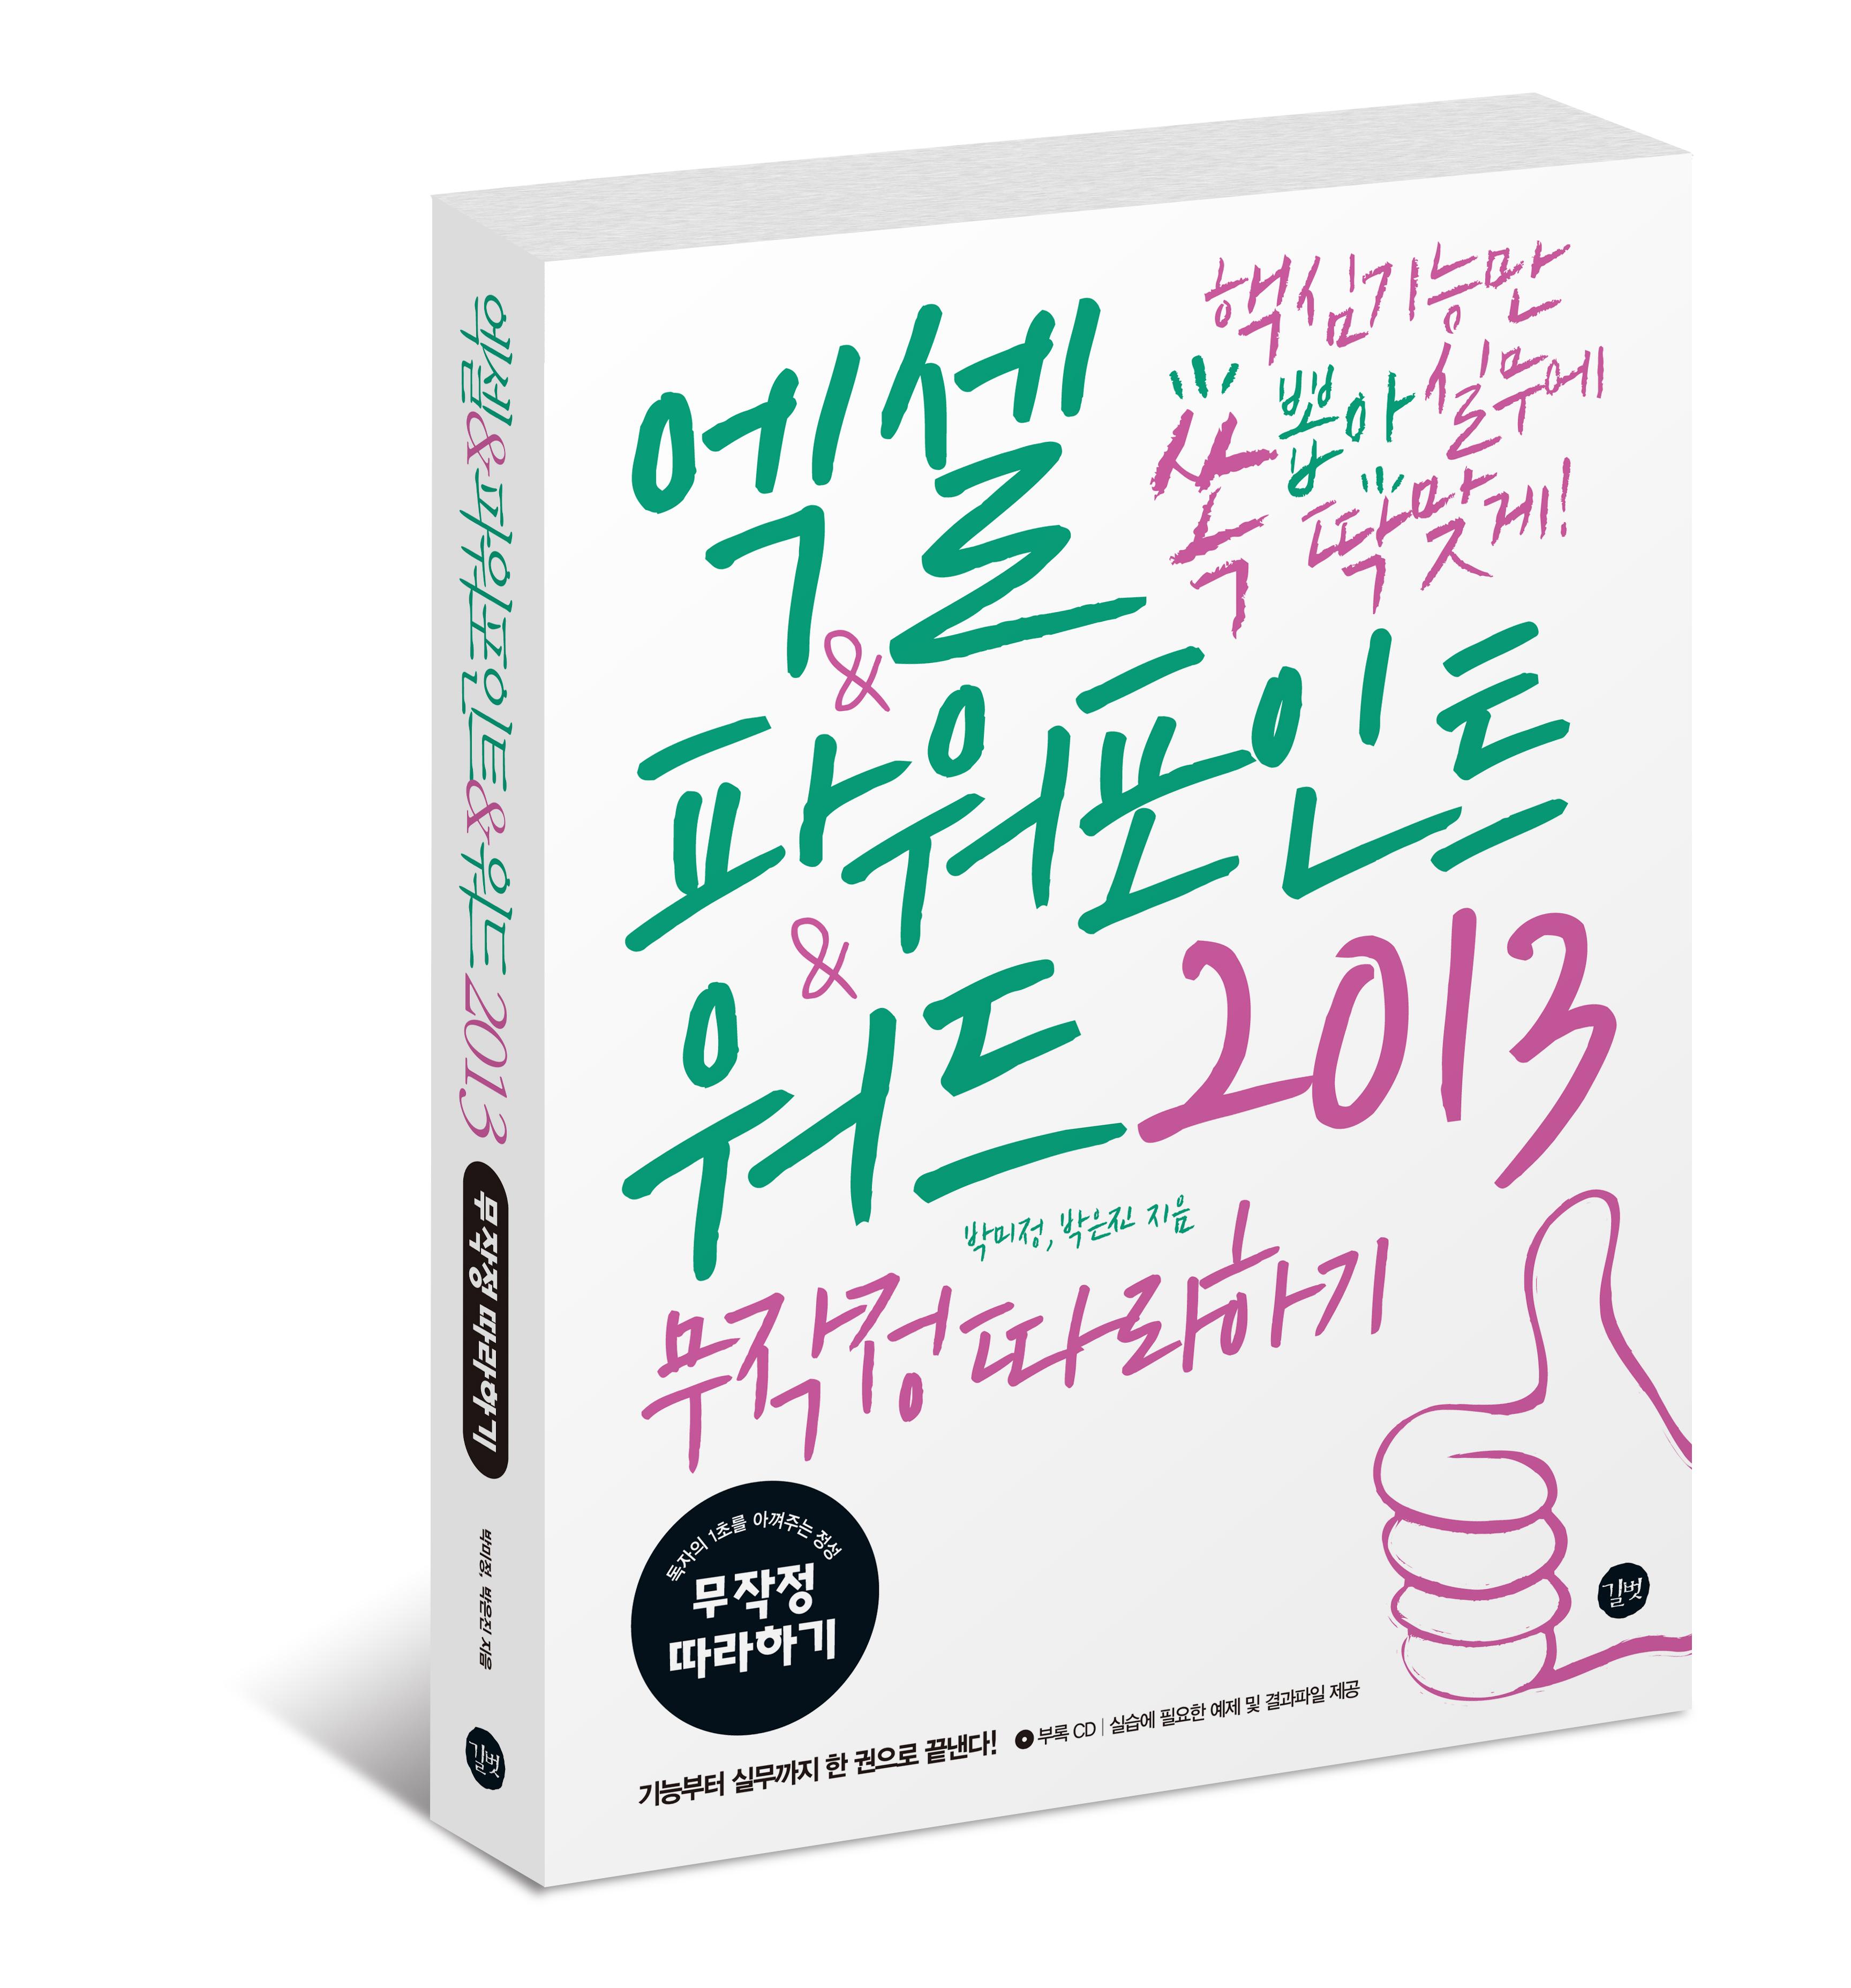 엑셀&파워포인트&워드 2013 무작정 따라하기 서평 이벤트!